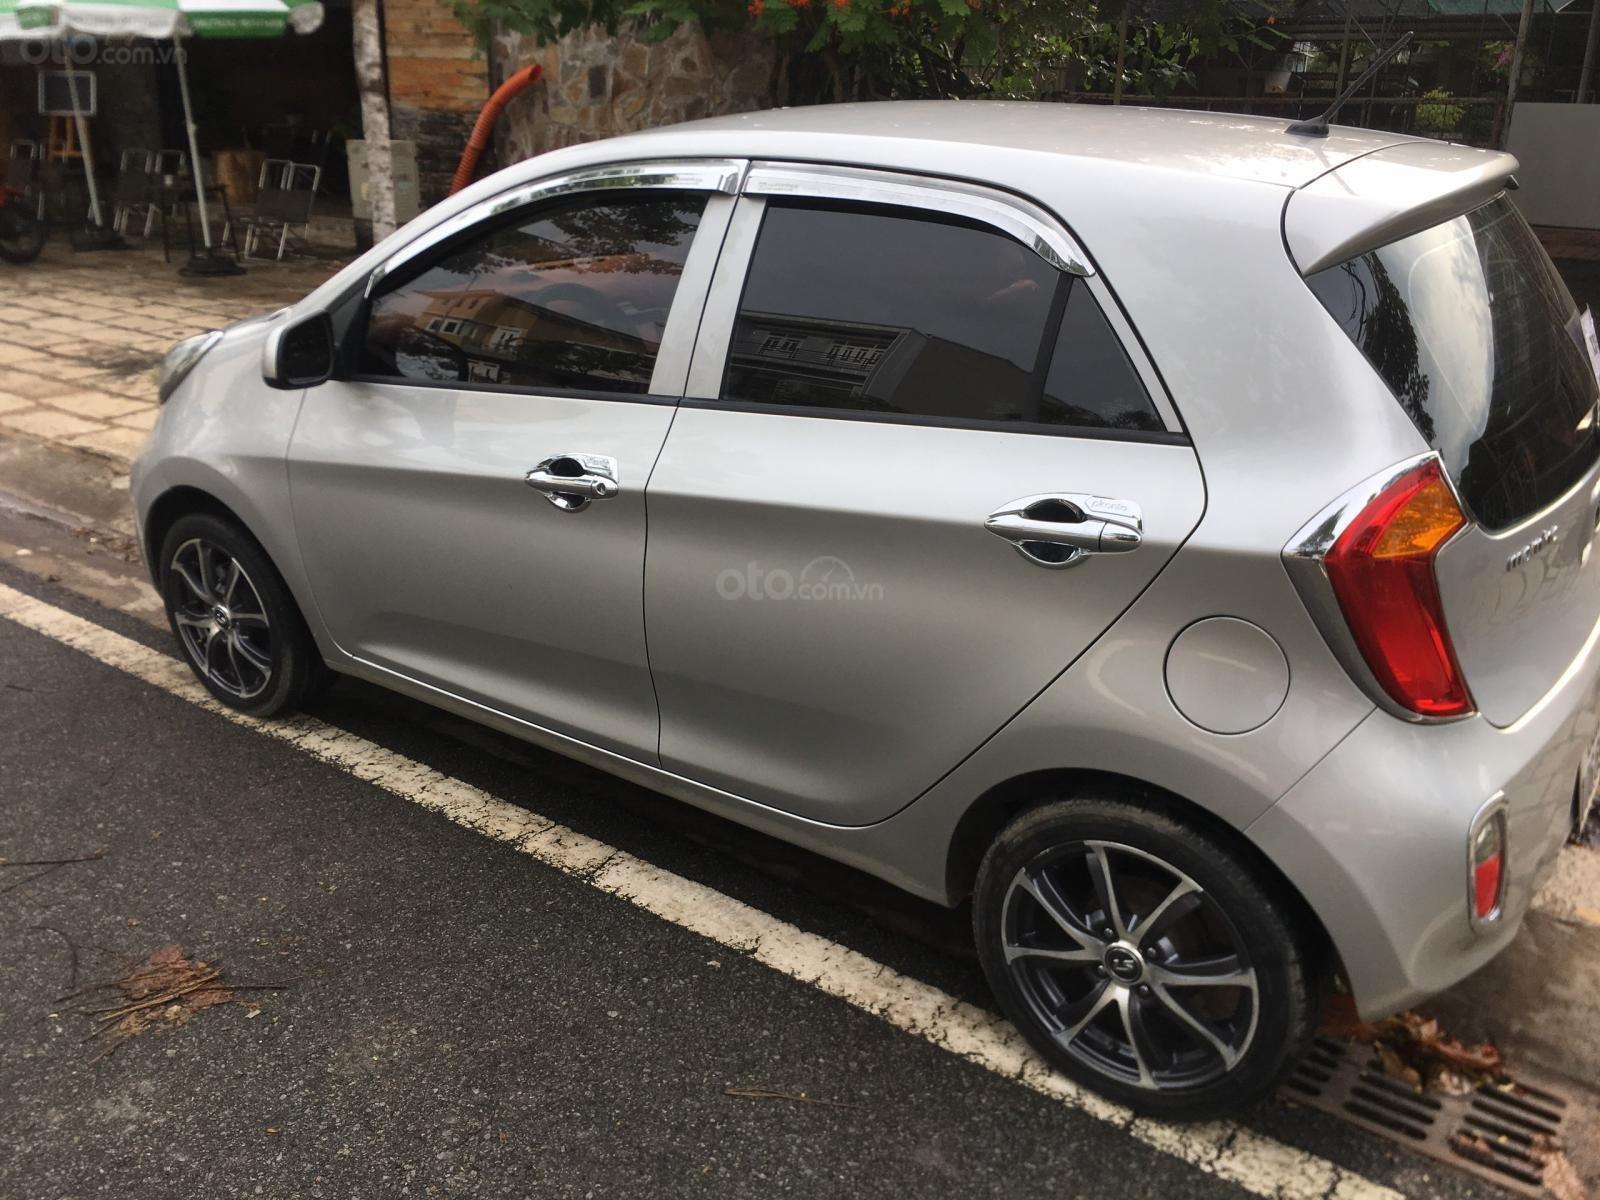 Cần bán xe Kia Morning sản xuất 2013, màu bạc, giá 245tr (6)